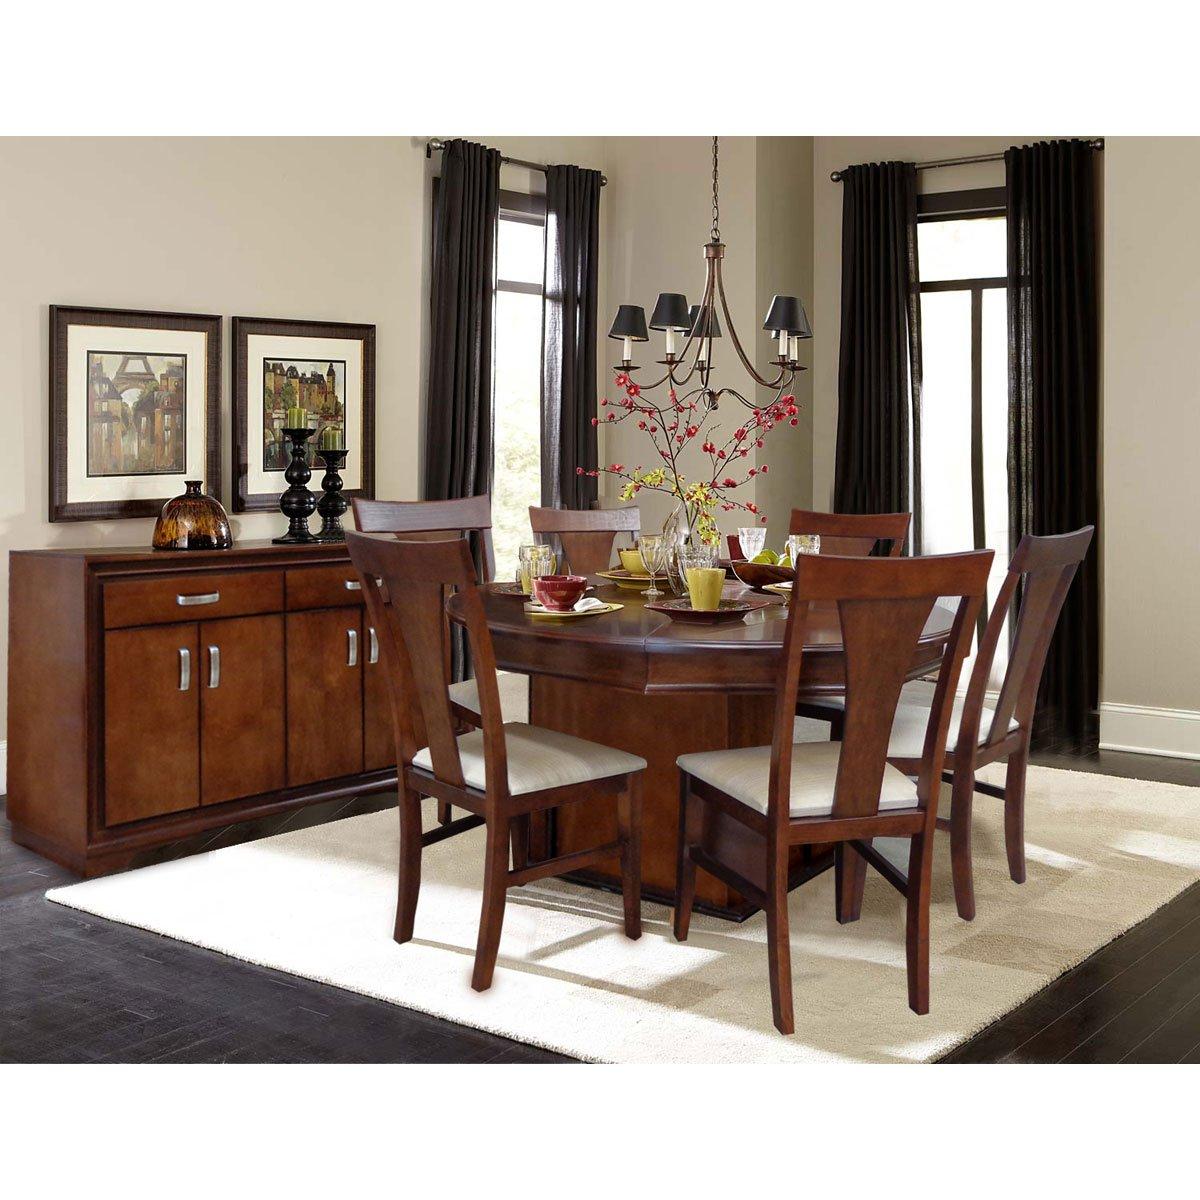 Muebles Liverpool Comedores ~ Obtenga ideas Diseño de muebles para ...